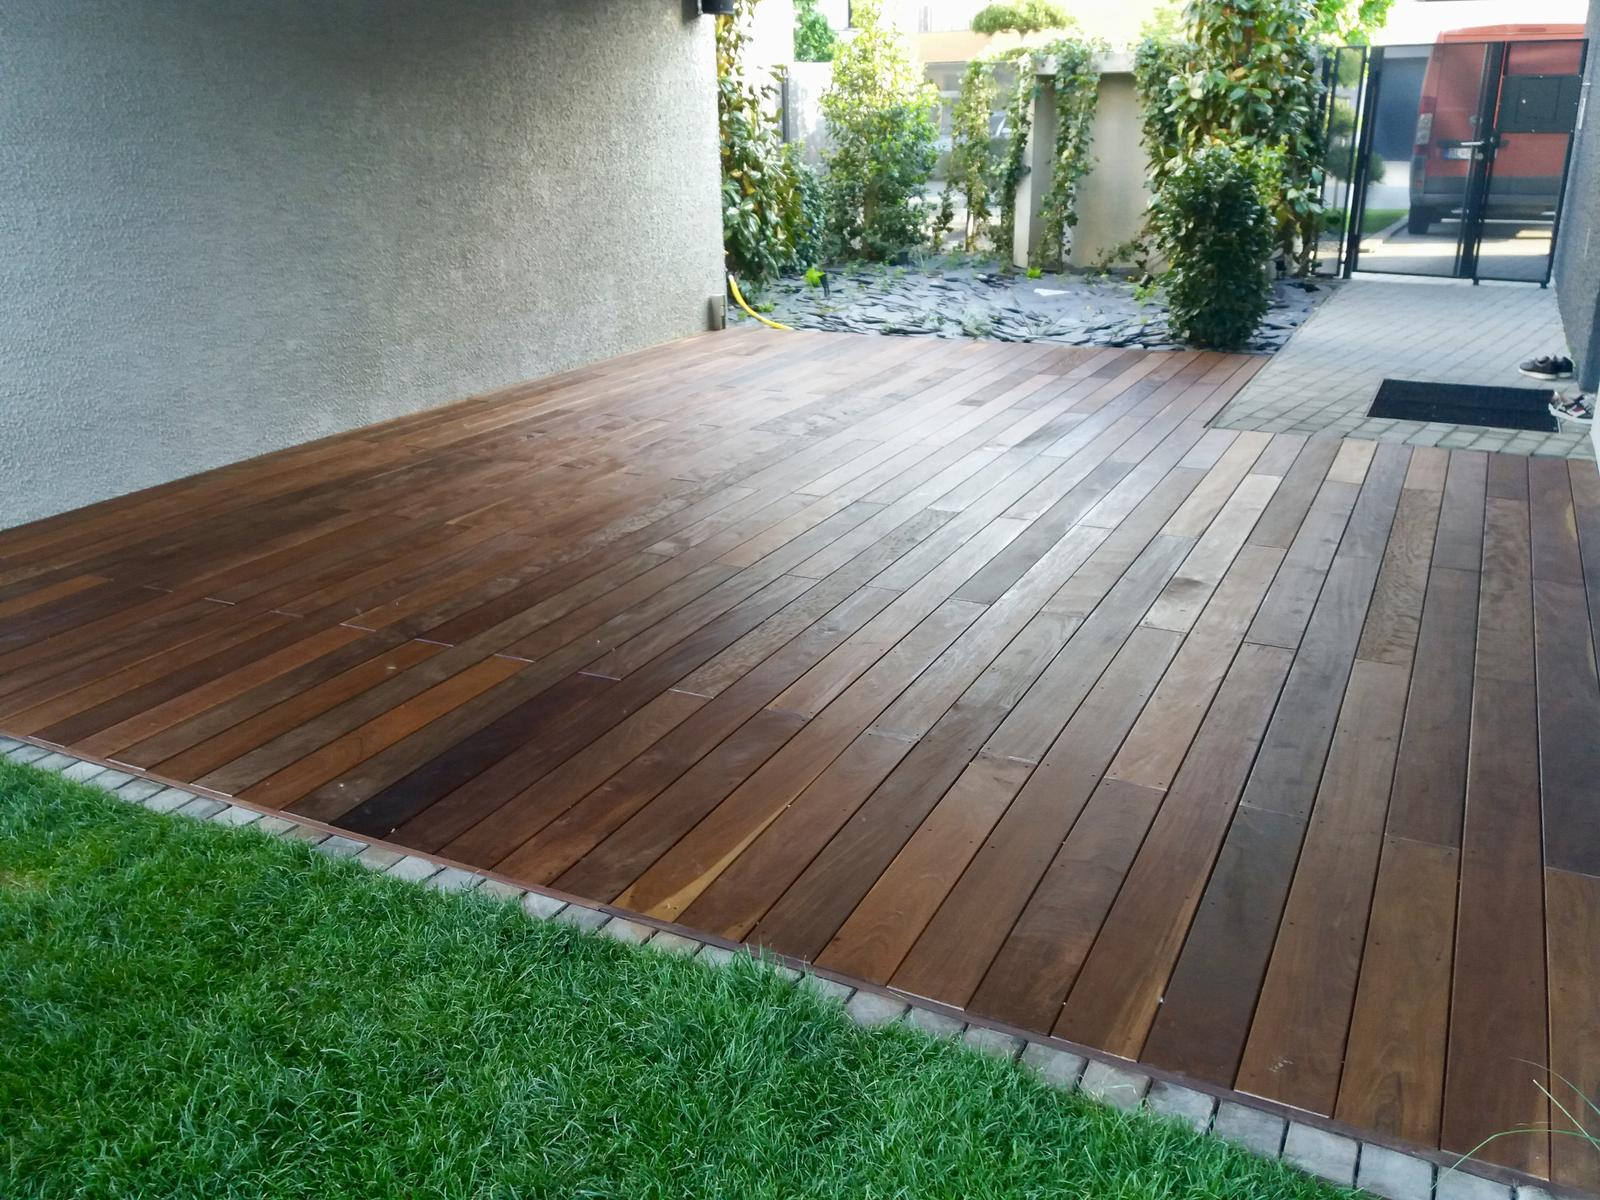 terasové tropické drevo IPE - Obrázok č. 3